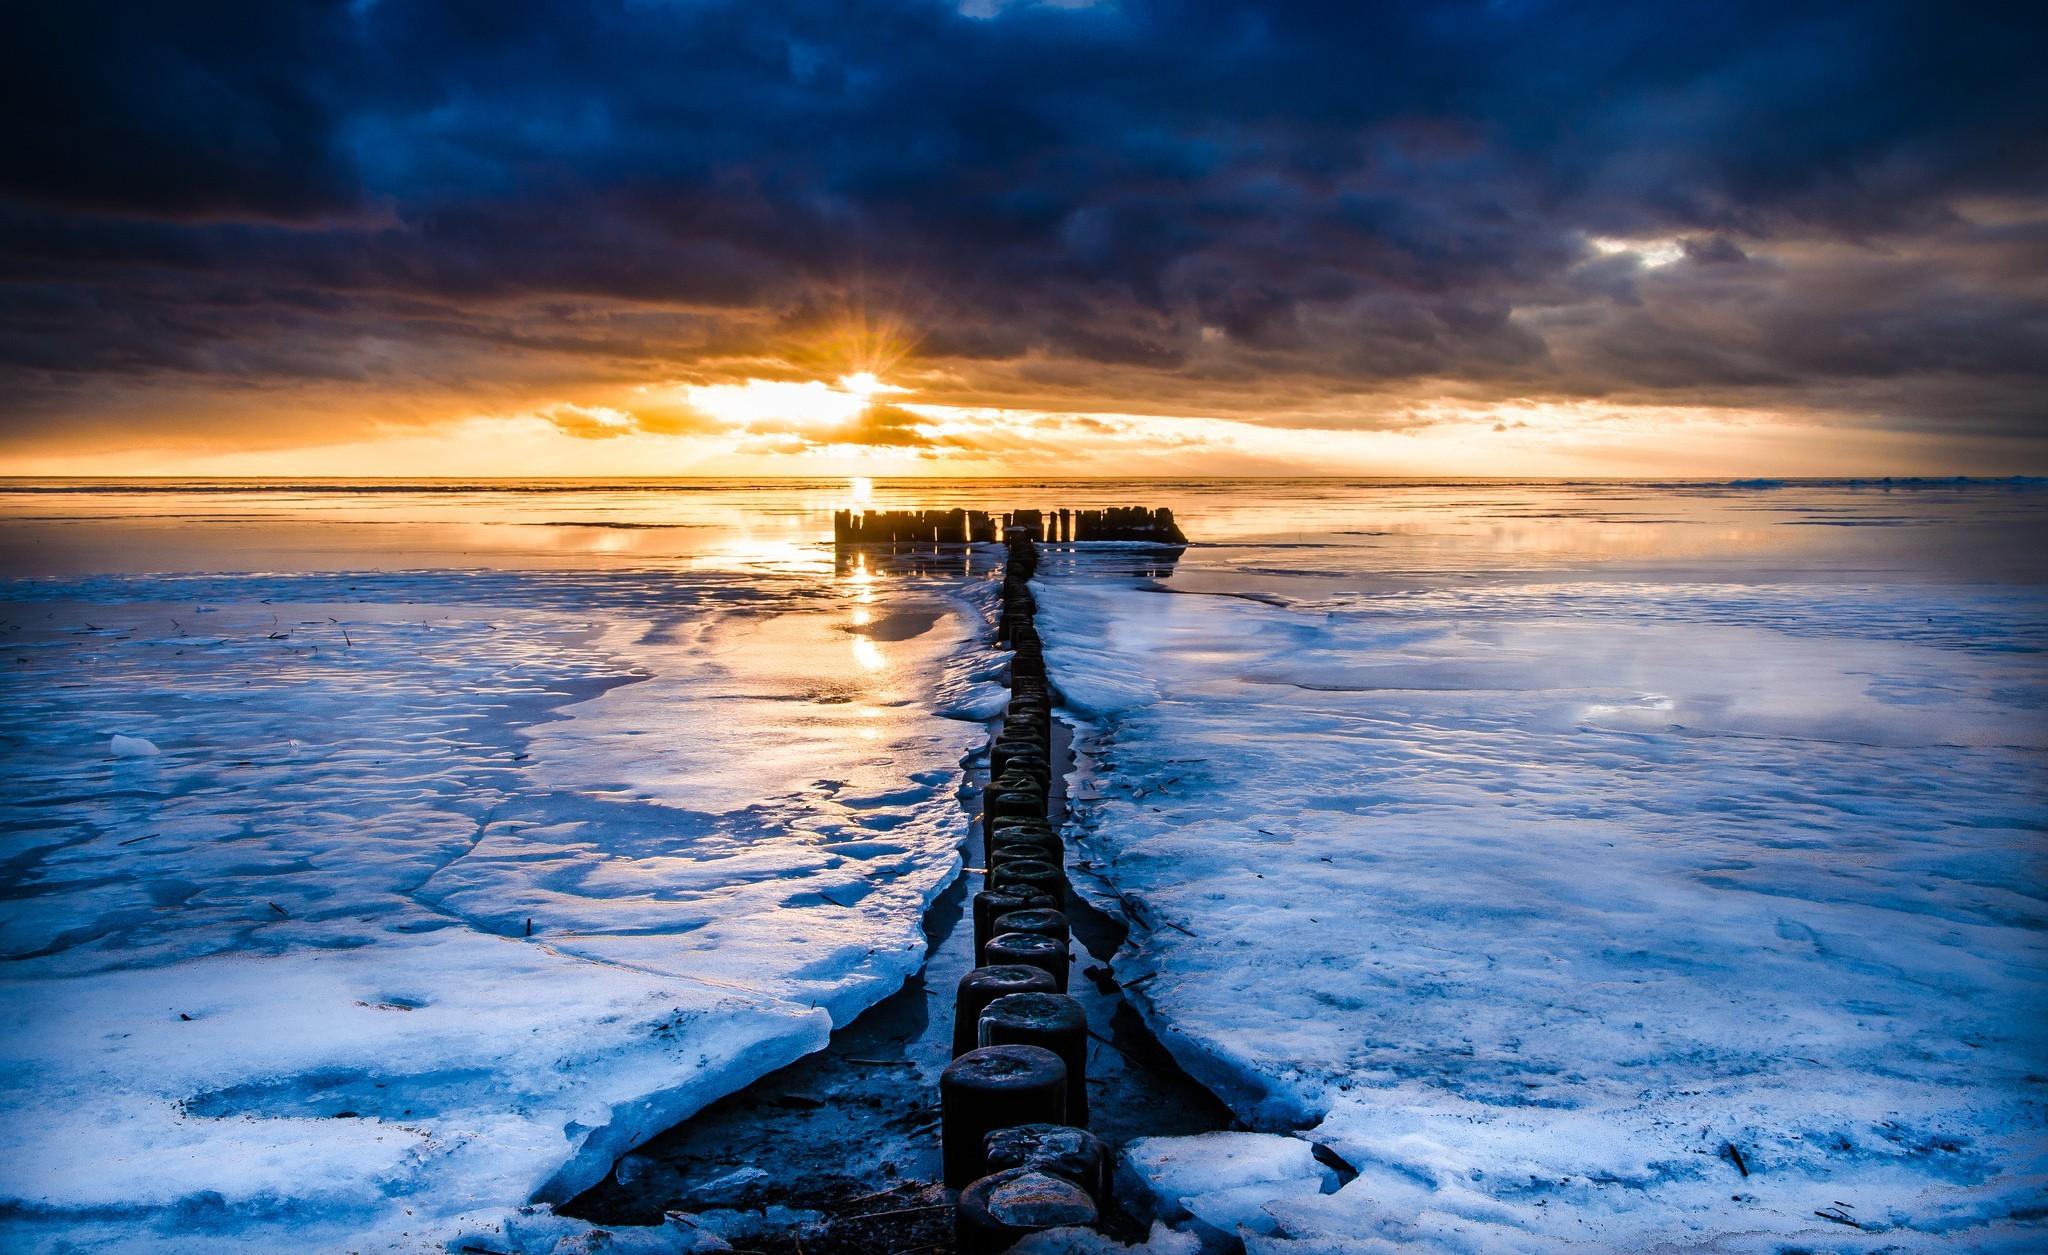 лет голубое море фотографии зимой клумбу можно